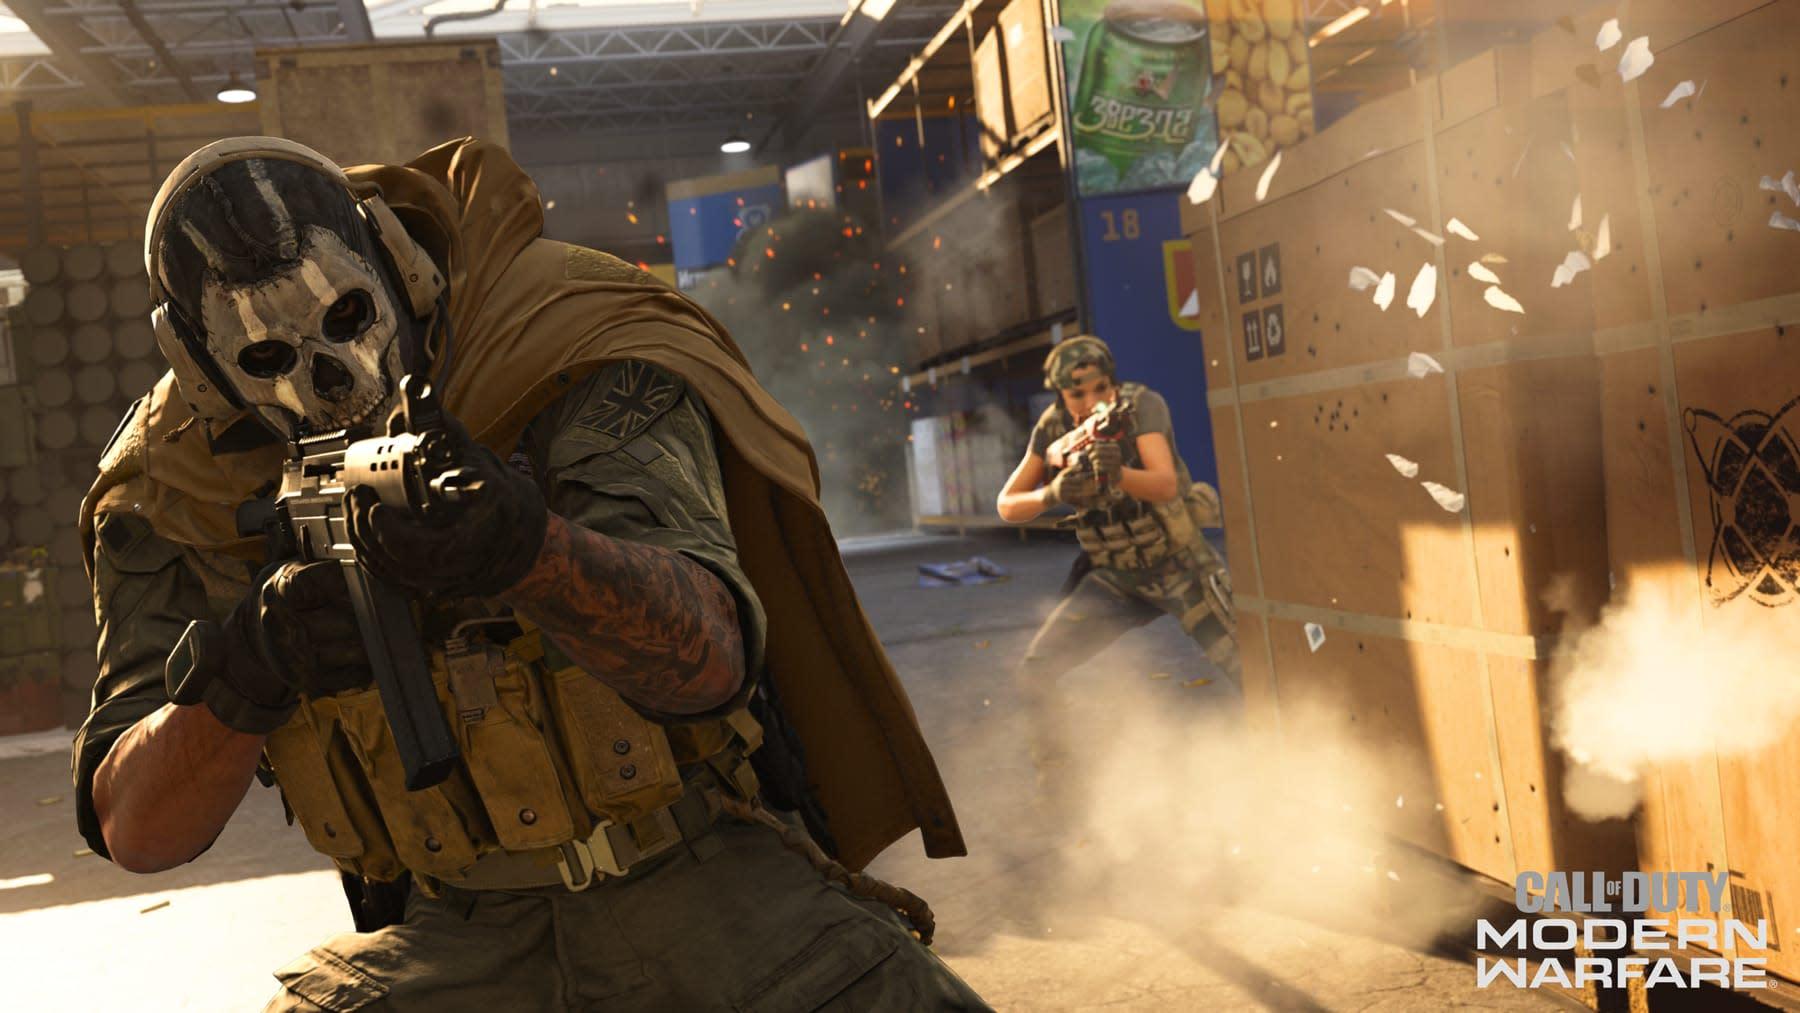 Call Of Duty Warzone Leak Details A Free Cross Platform Battle